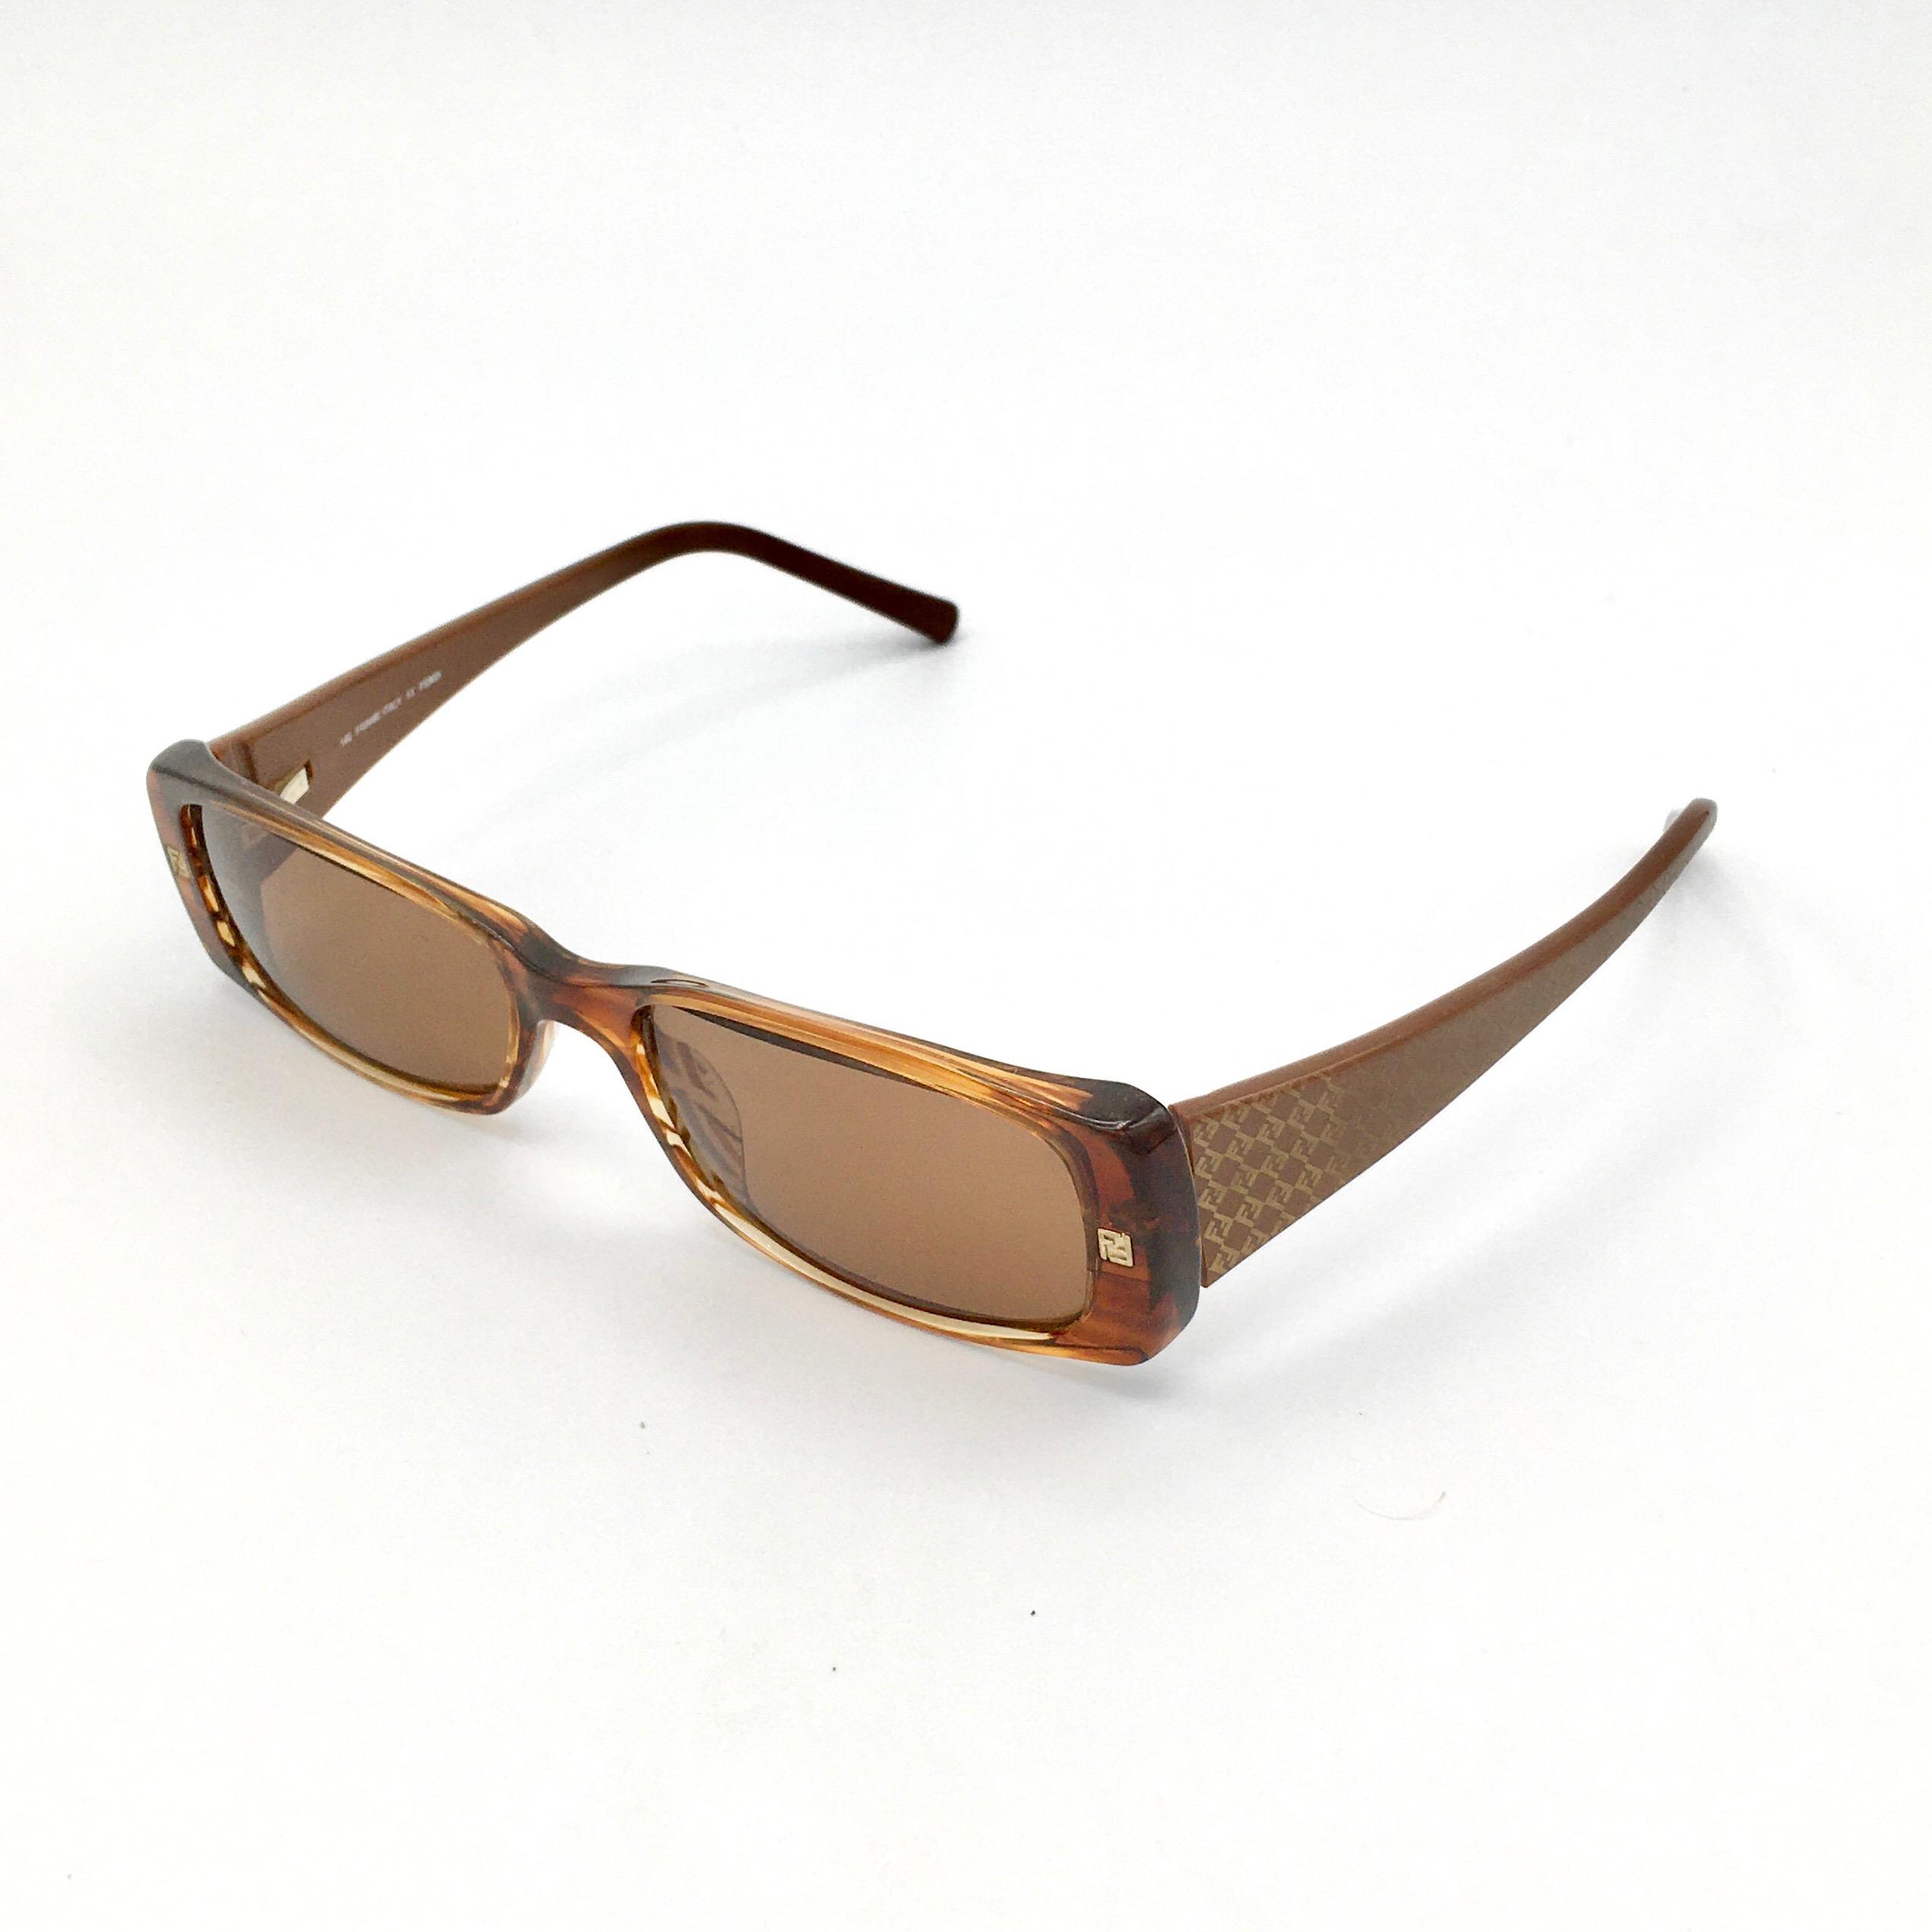 Fendi Print Sunglasses